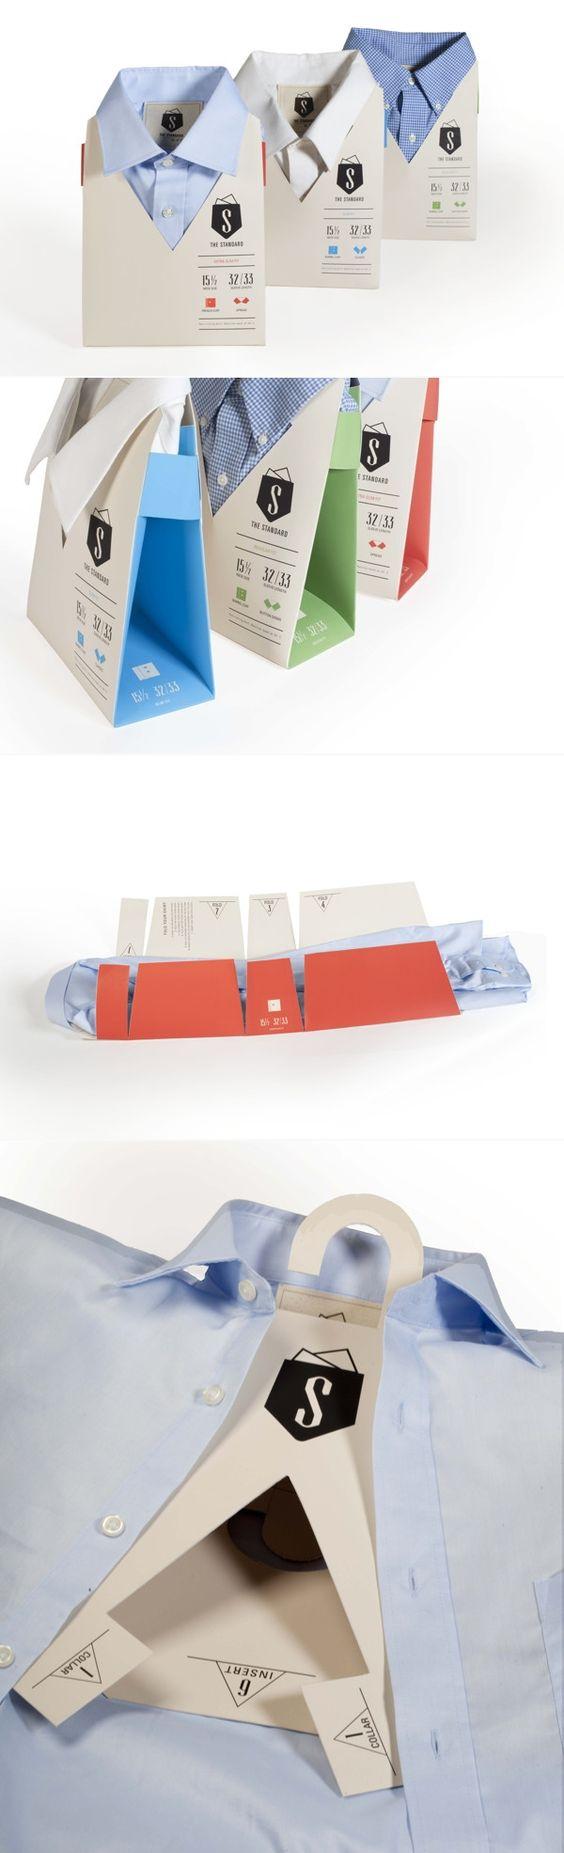 embalagens-criativas_19